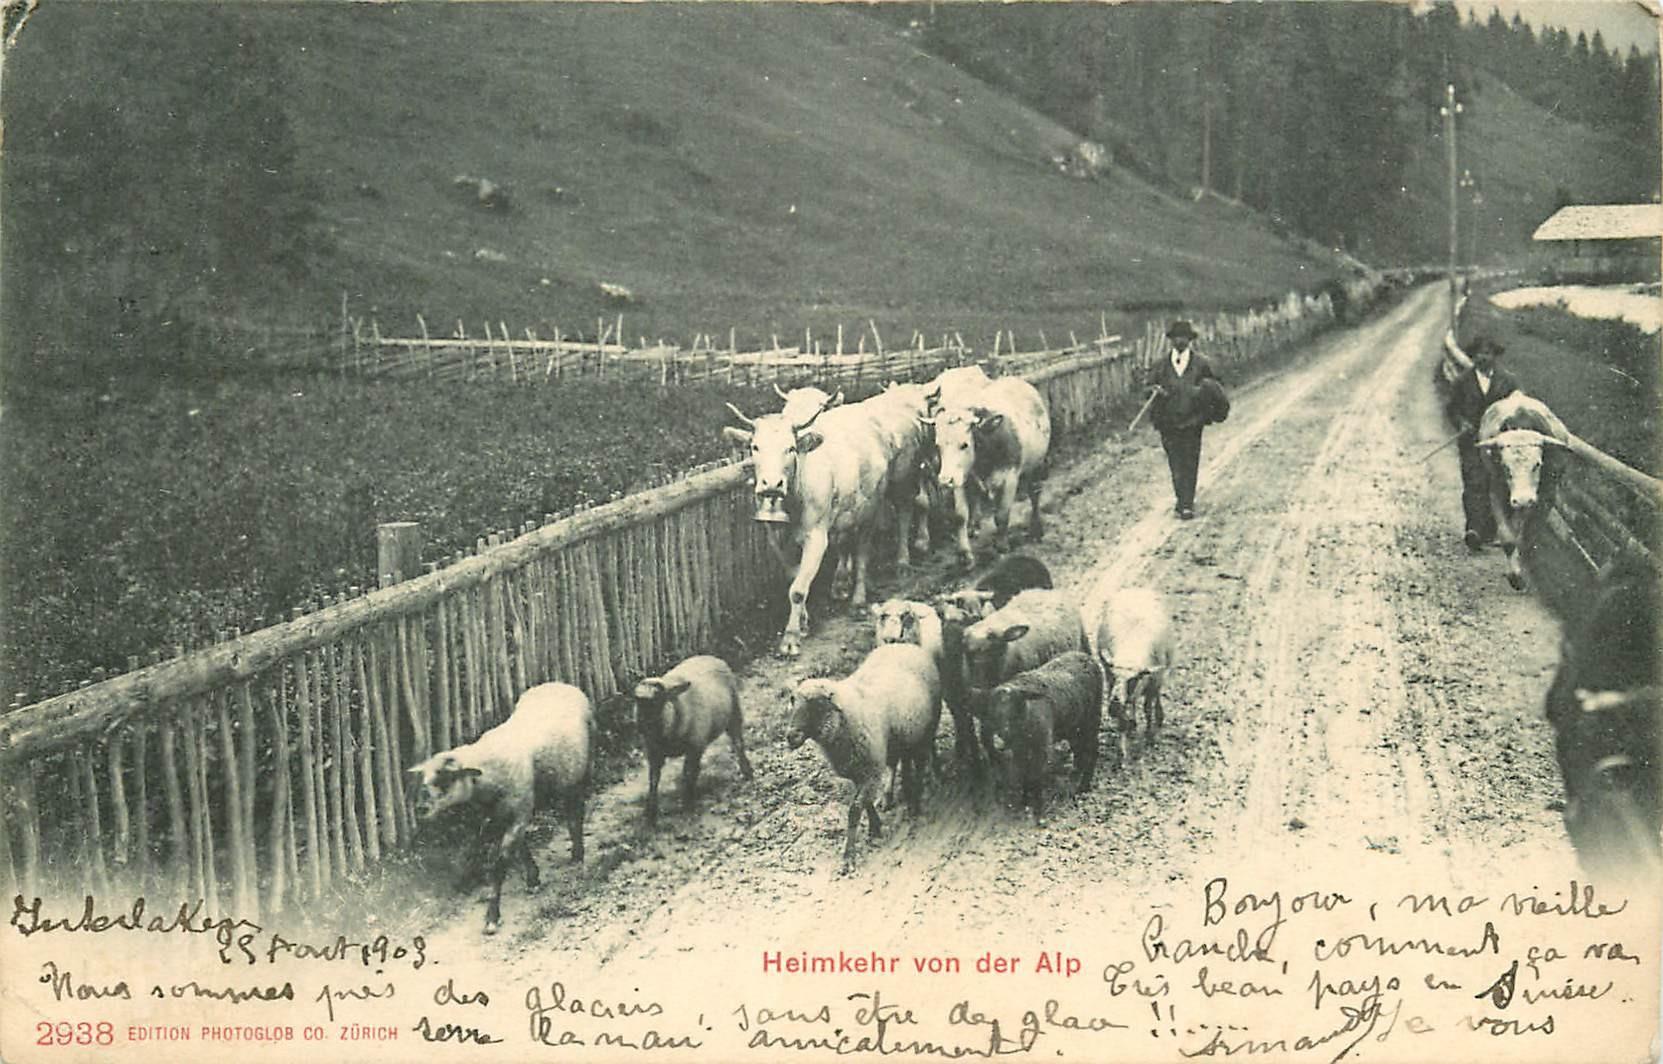 SUISSE. Heimkehr von der Alp 1903